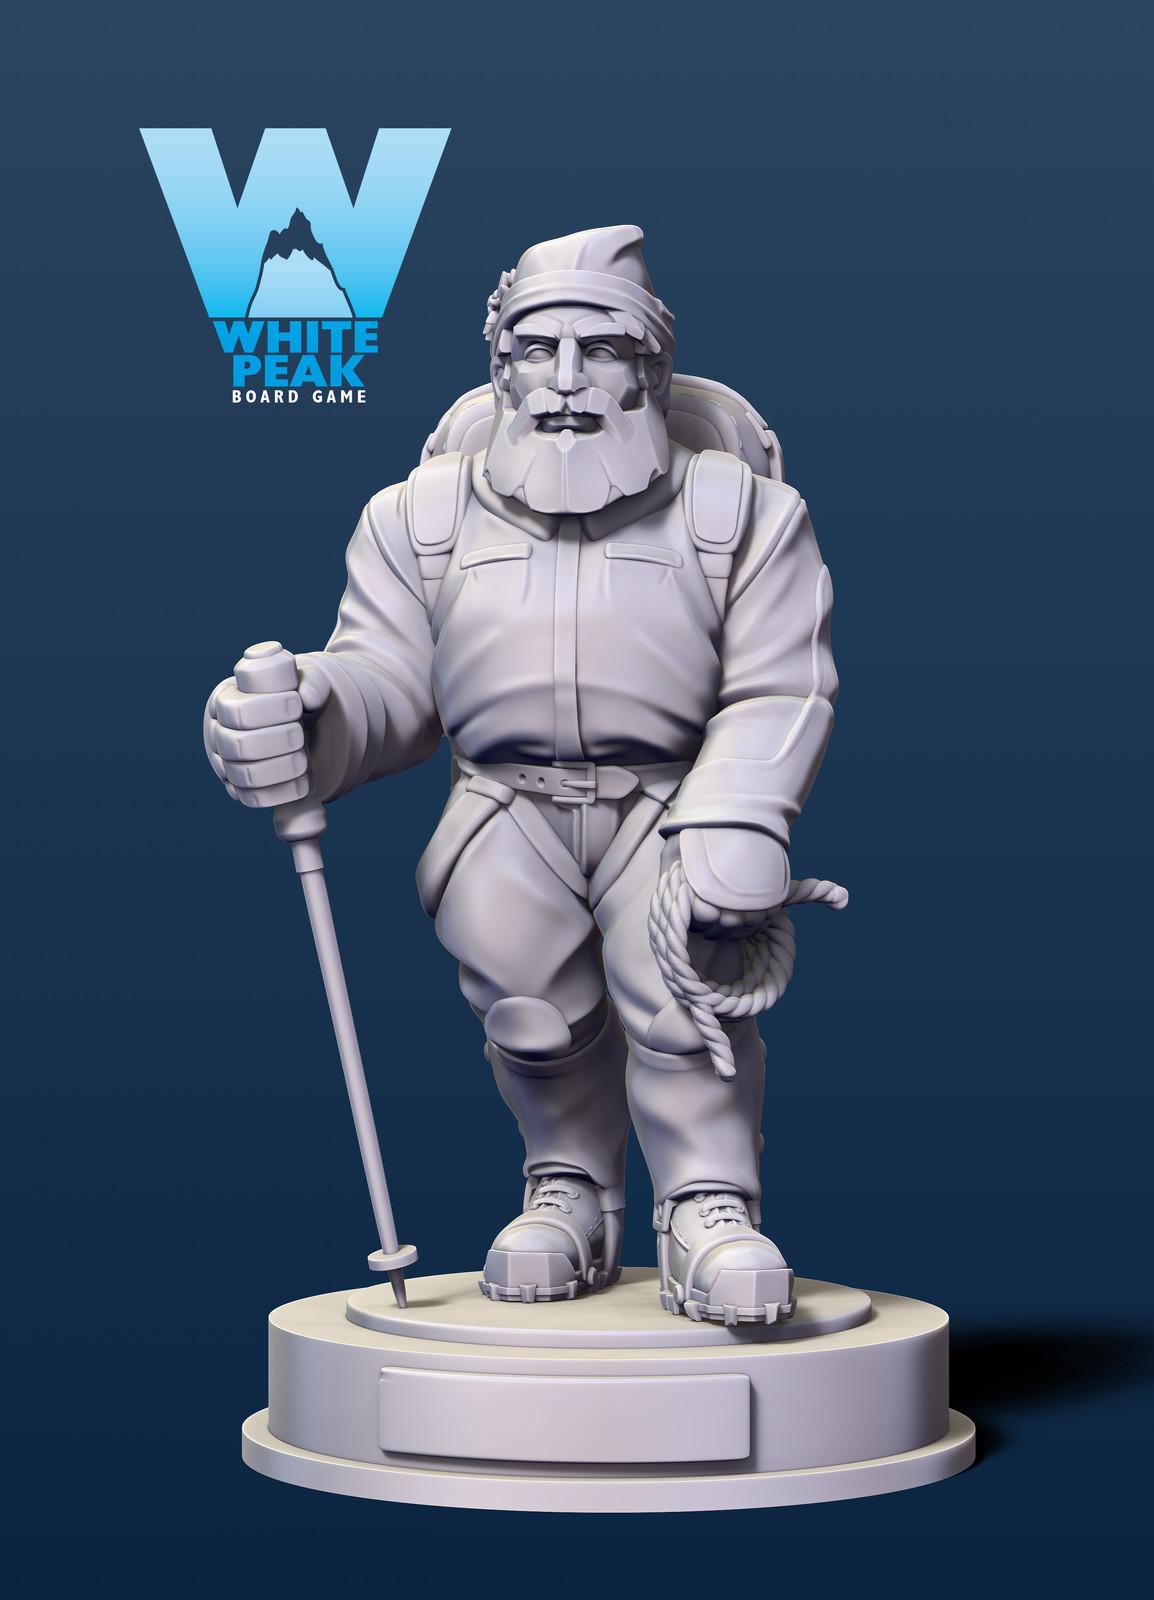 Mountain board game figure